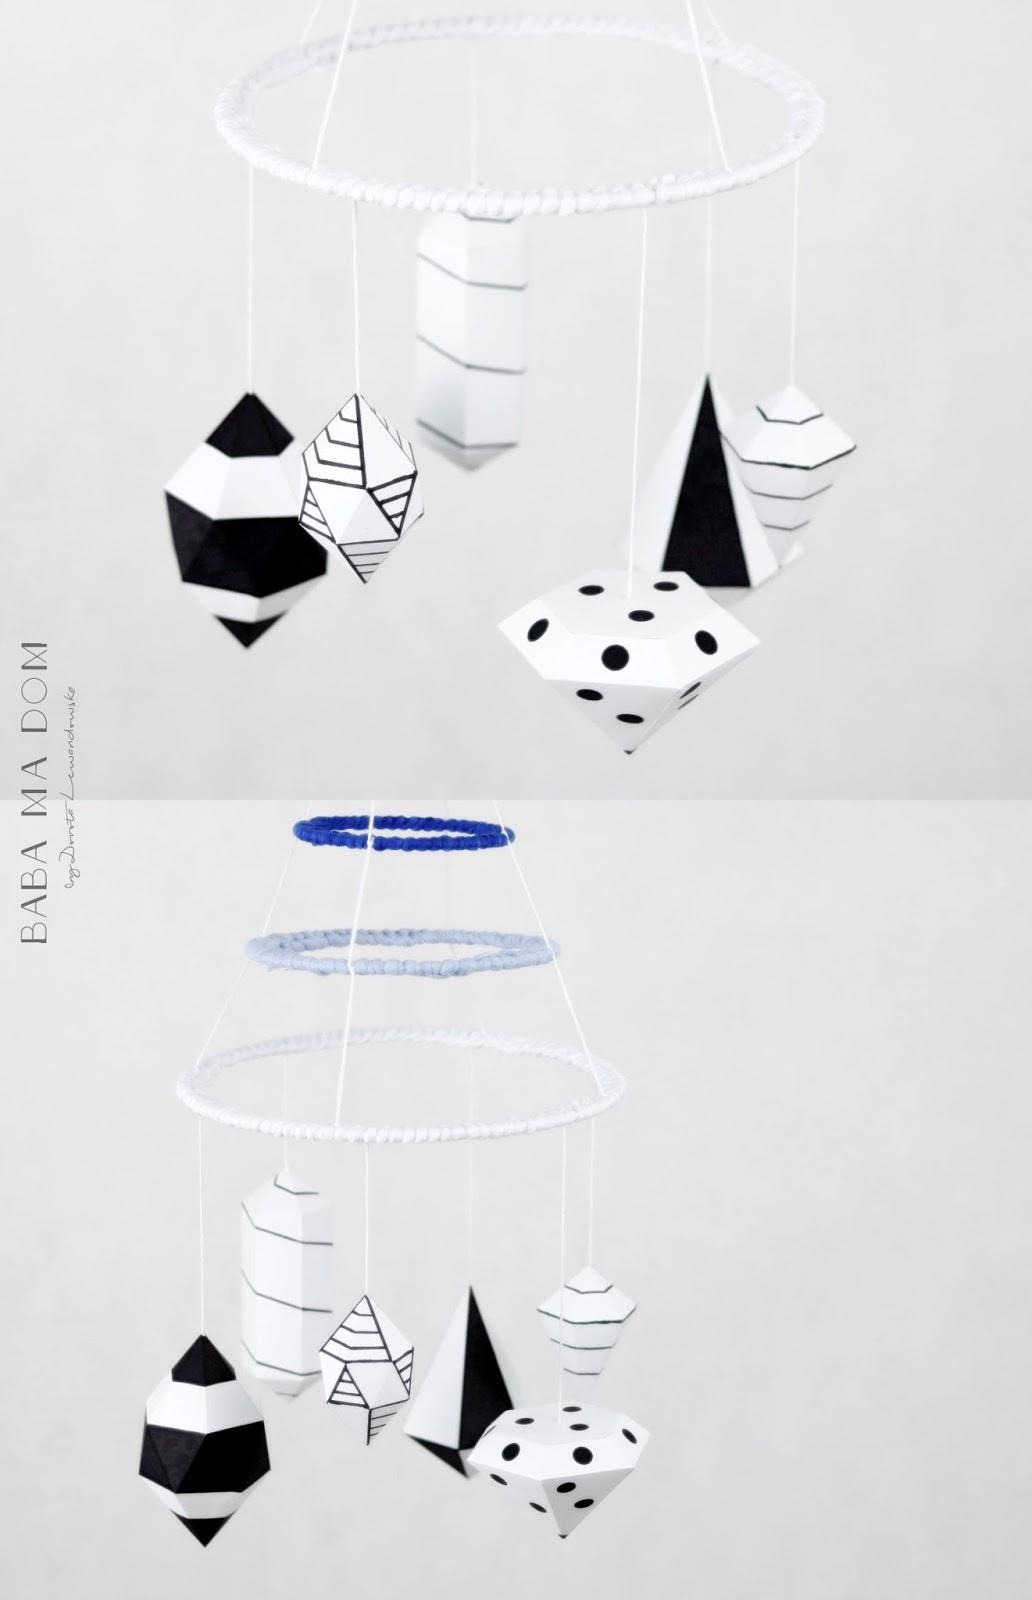 DIY, zrób to sam, doityourself, papier, ozdoba, b&w, geometryczne, niebieski, dzieci, babamadom